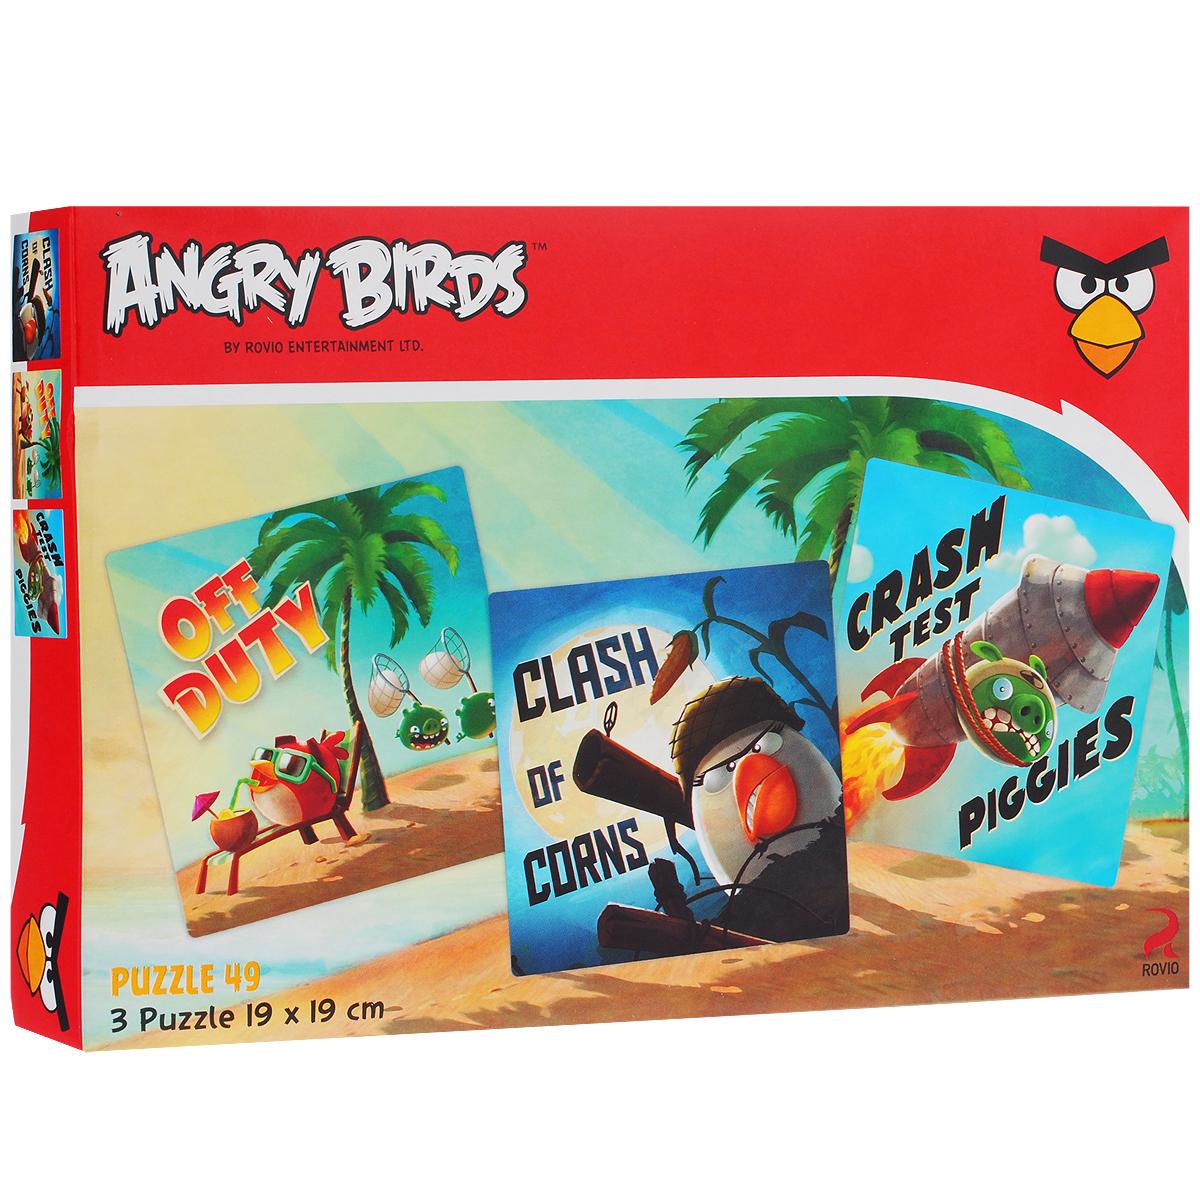 Angry Birds. Пазл, 3х49 элементов49ПЗ5_12721Пазлы Angry Birds привлекут внимание вашего ребенка и поднимут настроение жизнерадостными образами. Комплект включает 147 элементов, с помощью которых ребенок сможет собрать три ярких картинки с изображениями персонажей популярной видео-игры Angry Birds. Пазлы - замечательная игра для всей семьи. Сегодня собирание пазлов стало особенно популярным, главным образом, благодаря своей многообразной тематике, способной удовлетворить самый взыскательный вкус. Собирание пазла развивает у детей мелкую моторику рук, тренирует наблюдательность, логическое и образное мышление, знакомит с окружающим миром, с цветом и разнообразными формами, учит усидчивости и терпению, аккуратности и вниманию. Получившиеся яркие картинки станут отличными украшениями детской комнаты.